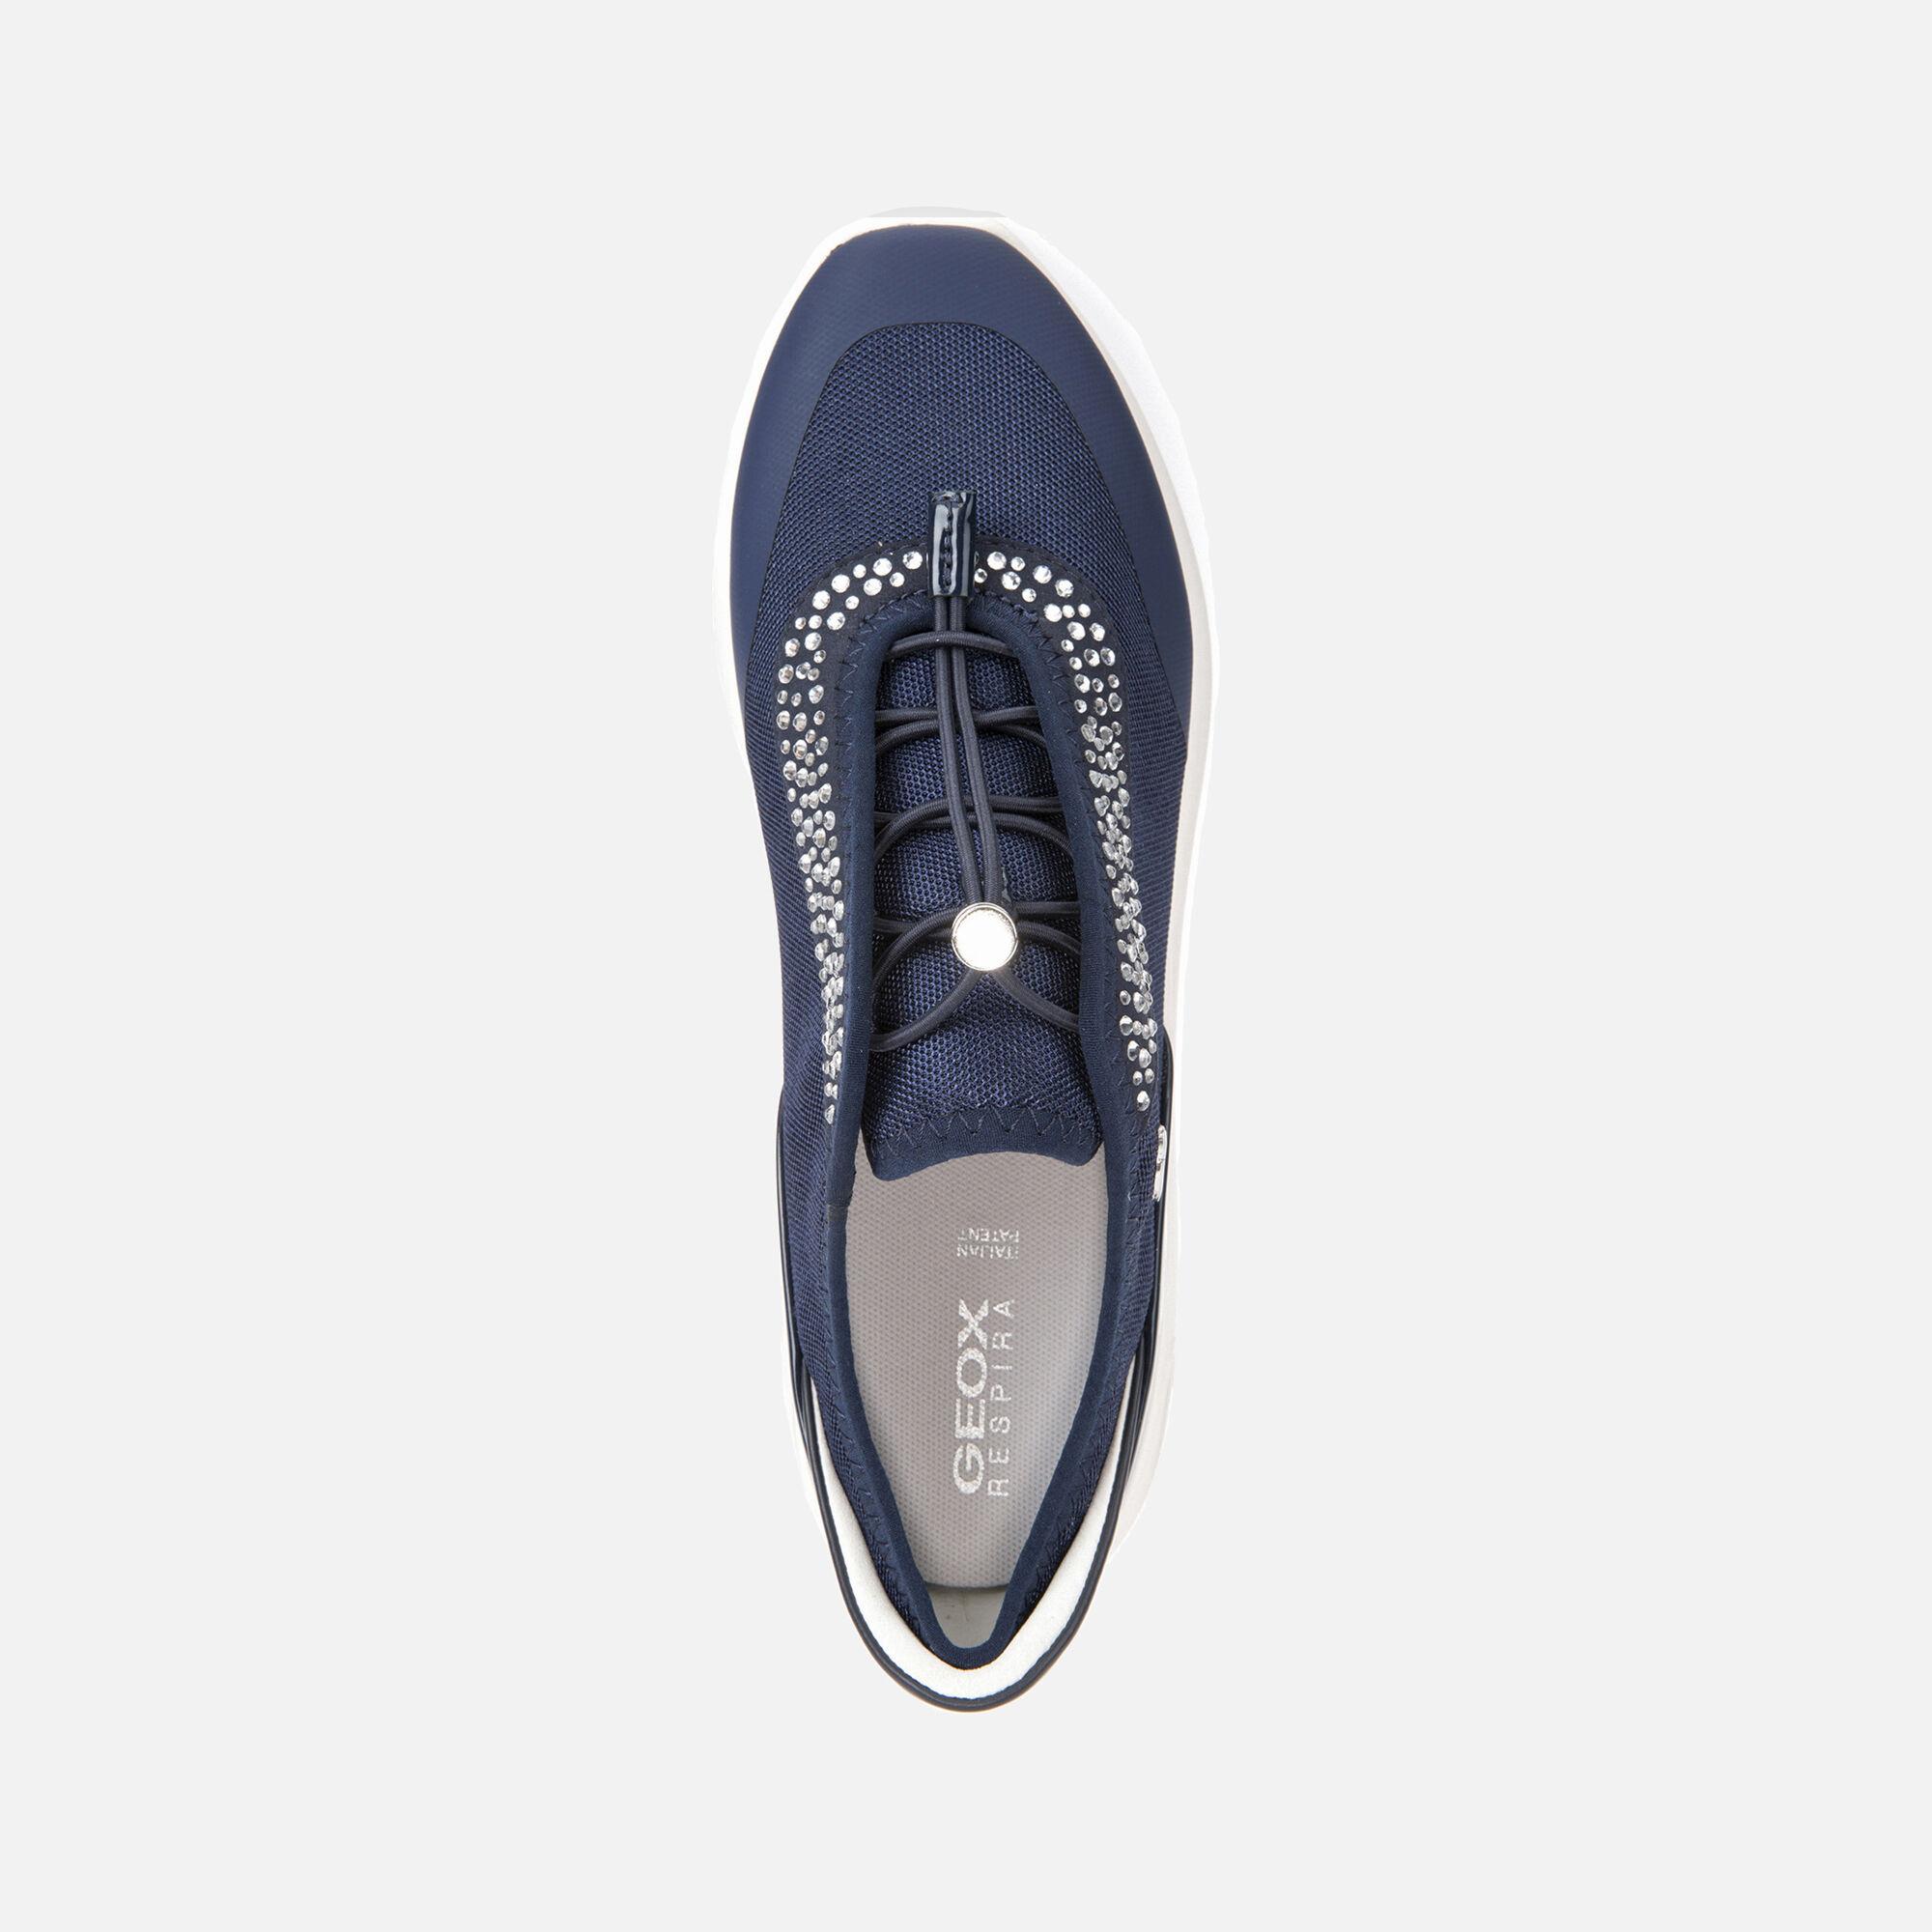 Geox D Ophira E Femmes Baskets Chaussures Bleu marine 7.5